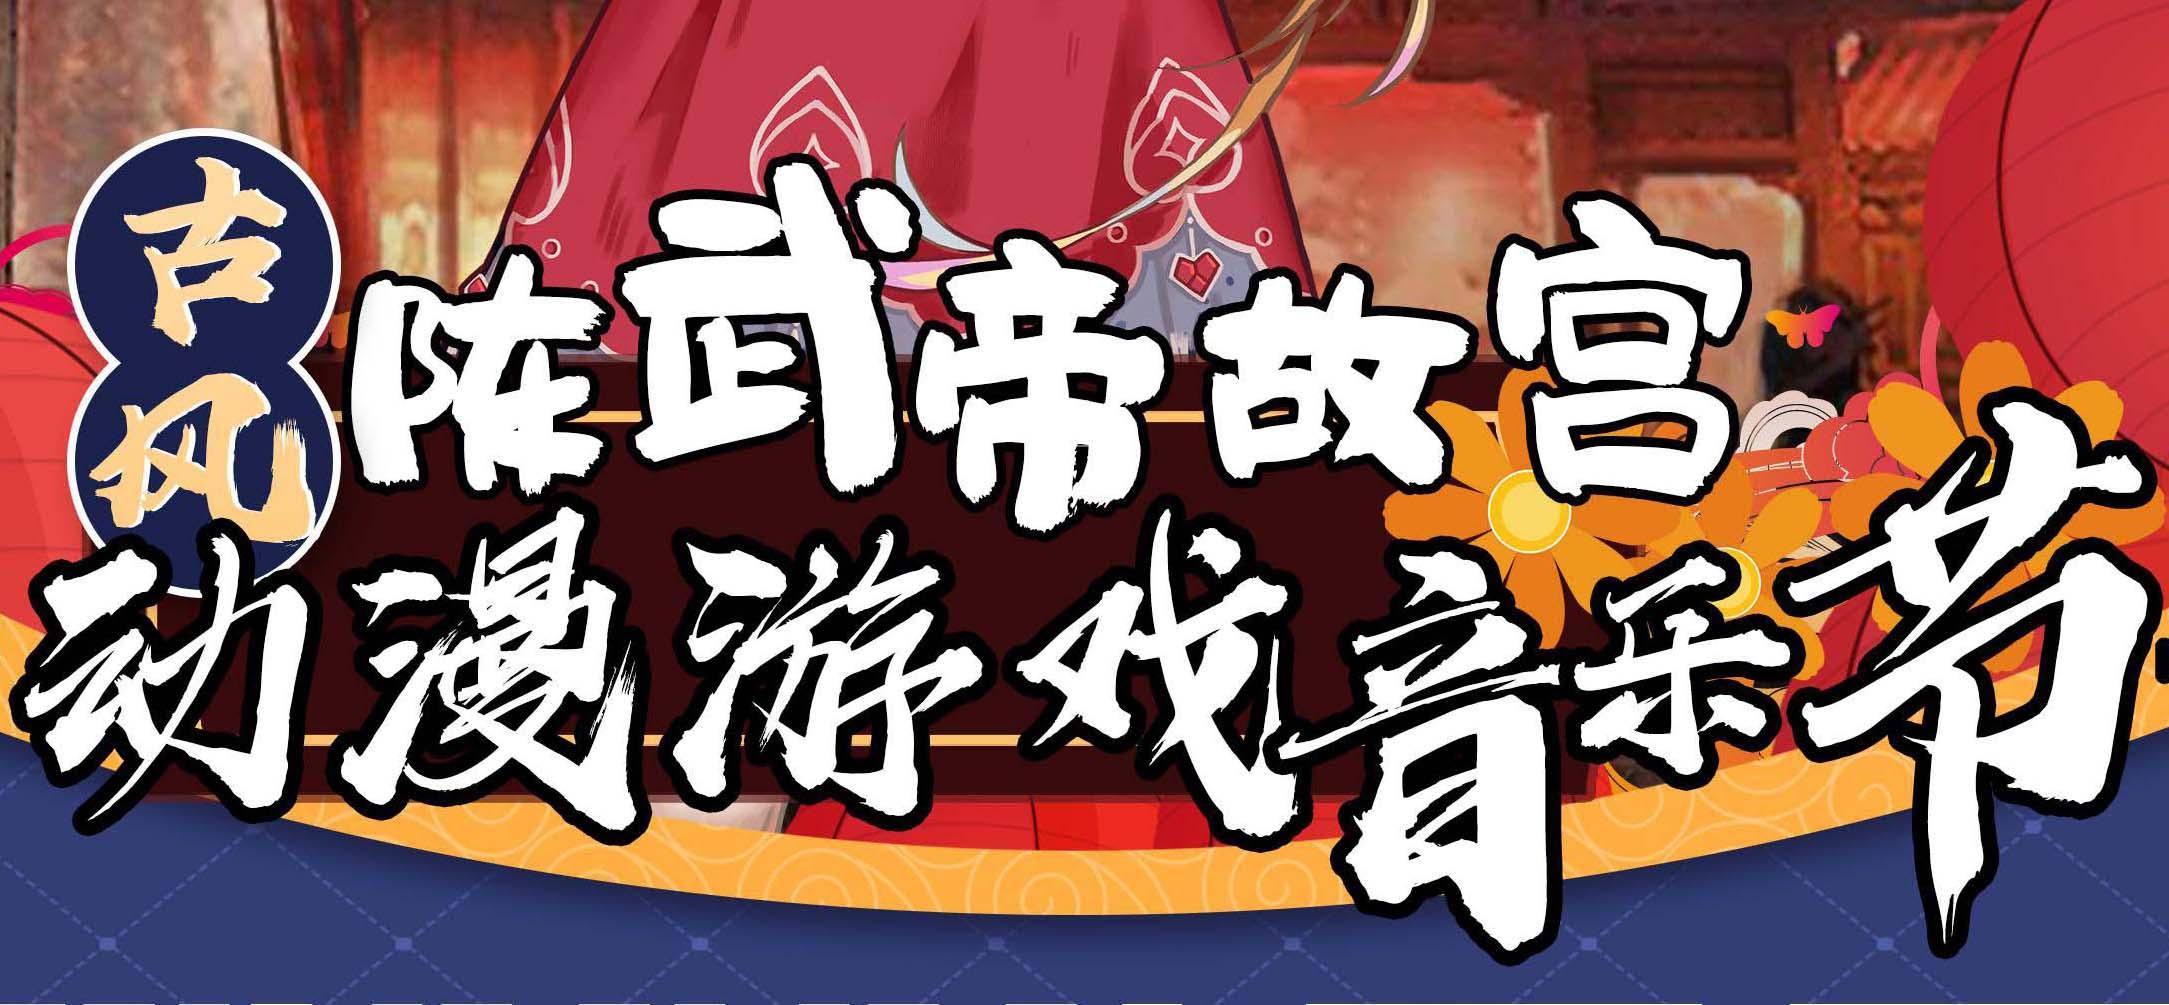 陈武帝古风动漫游戏音乐节即将开启